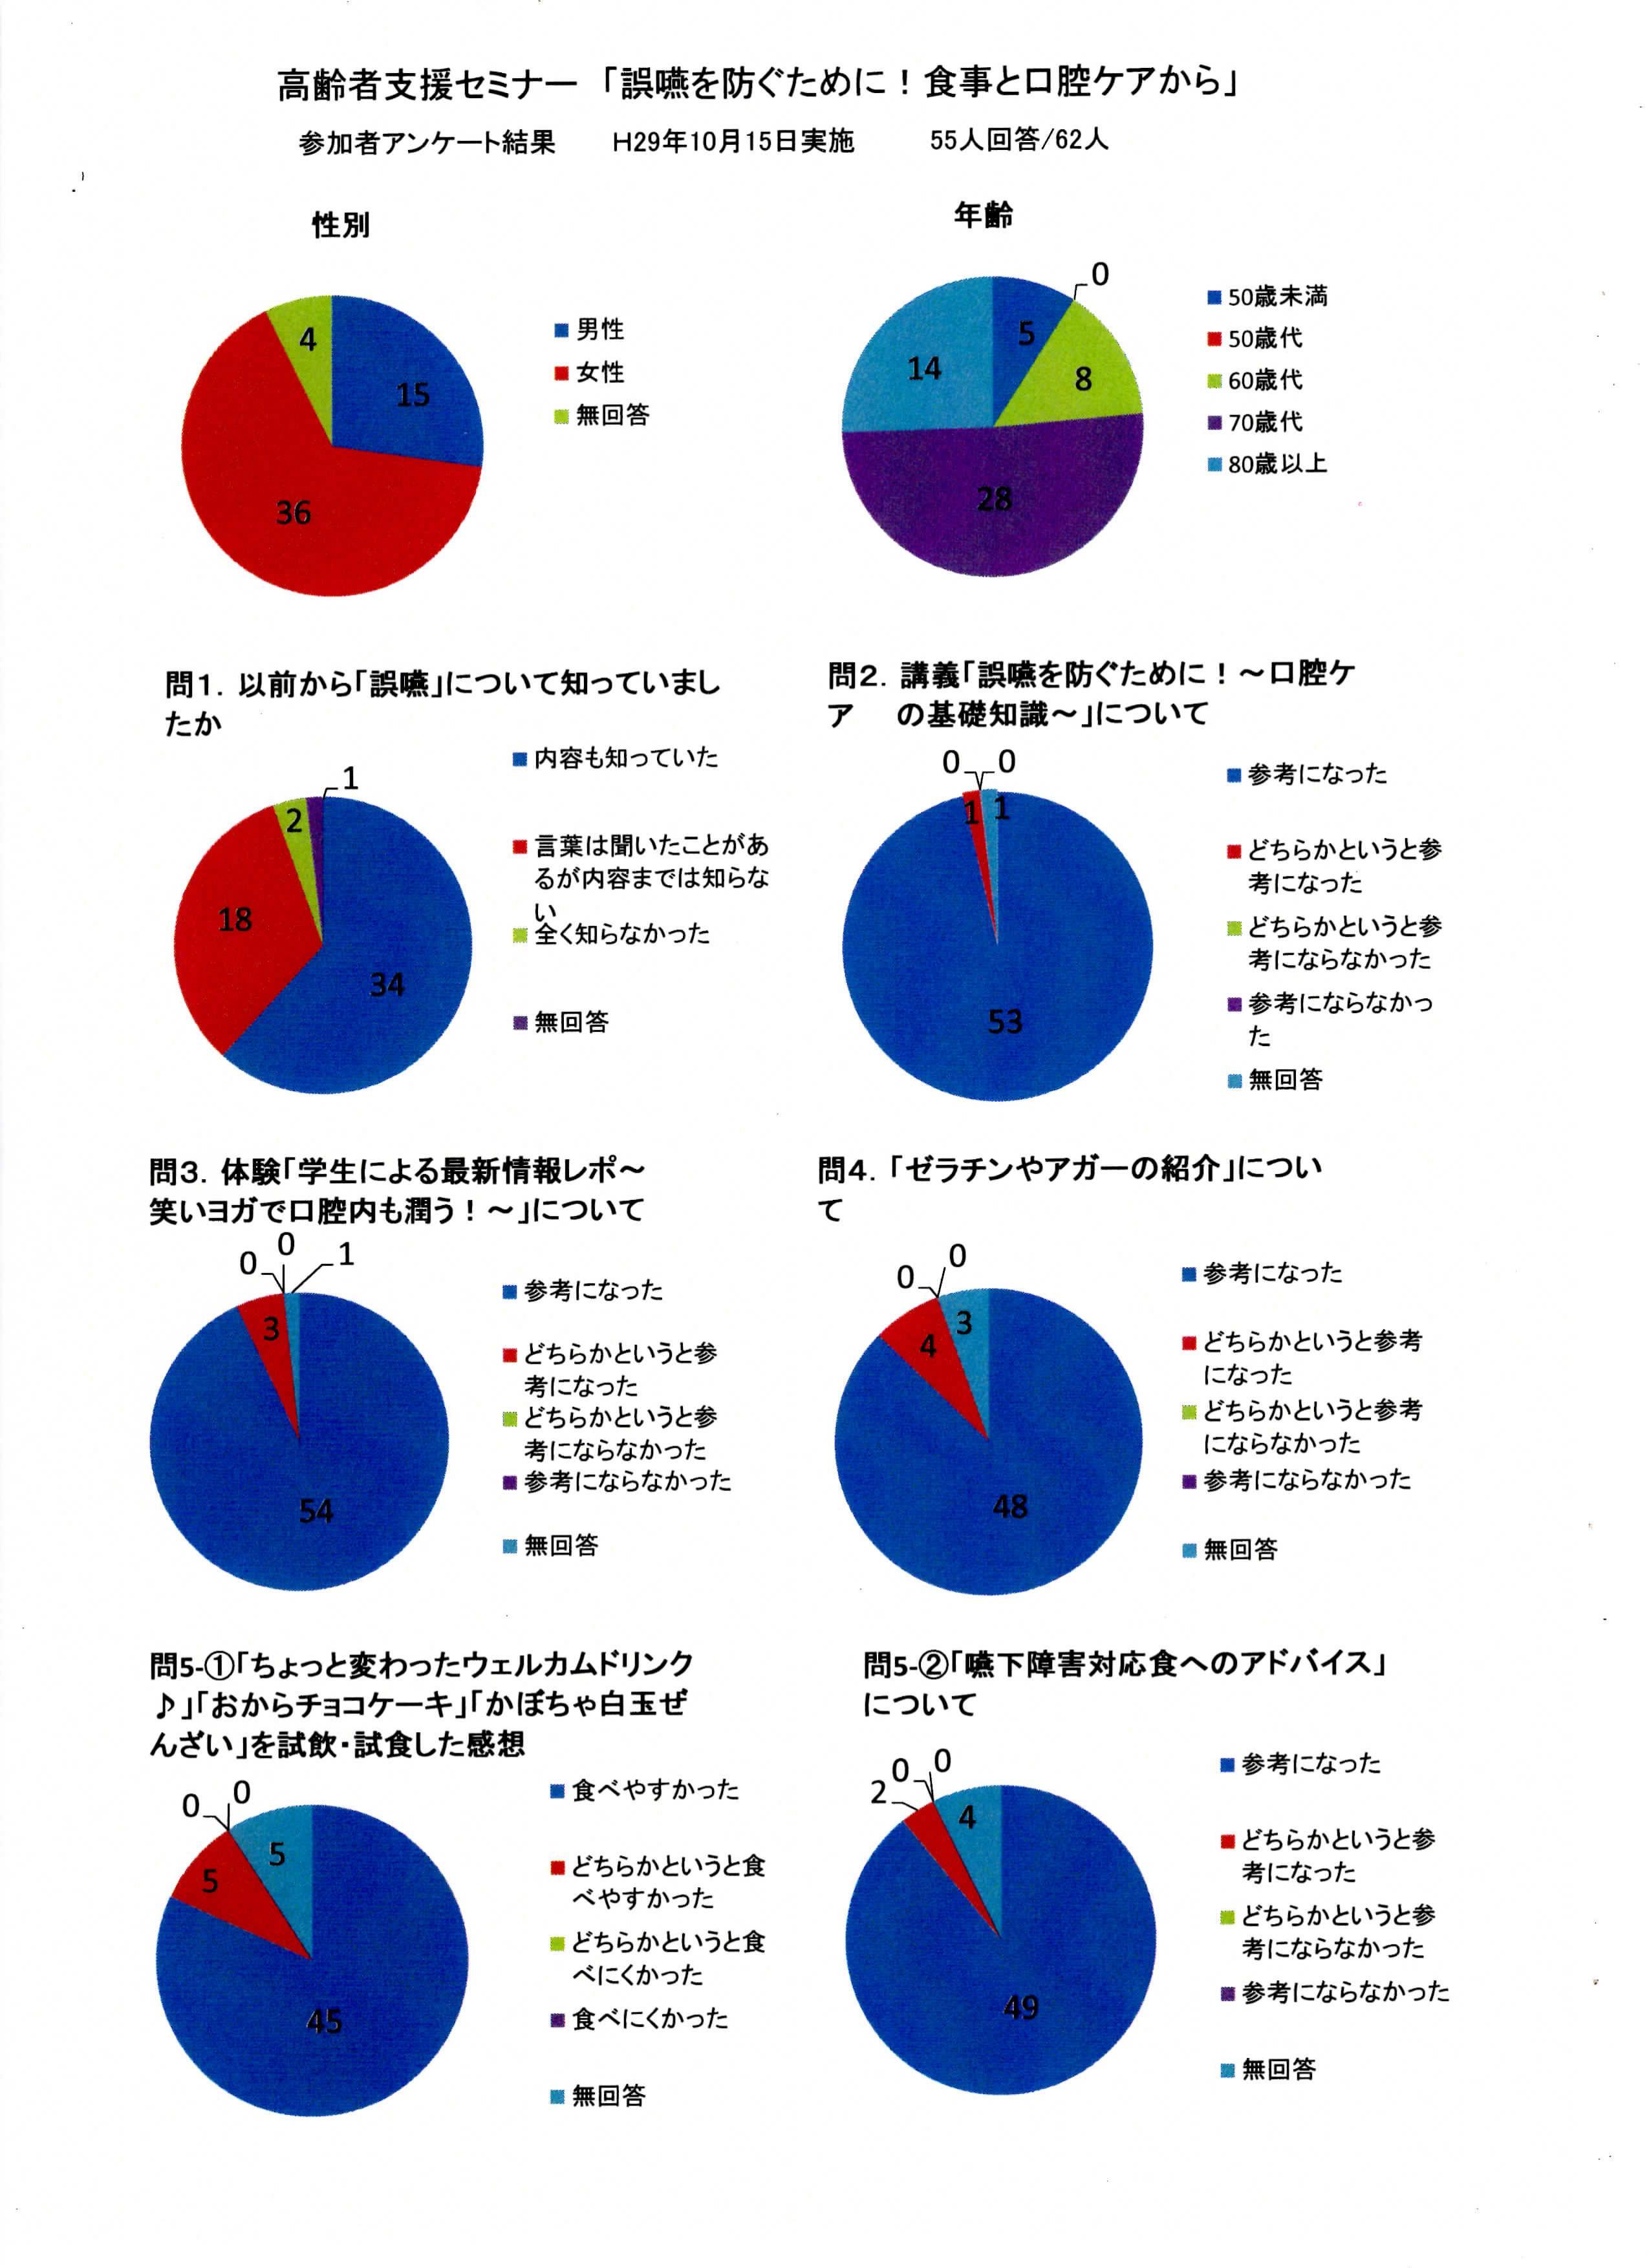 http://www.soai.ac.jp/information/learning/20171015_goen_houkoku_02.jpg